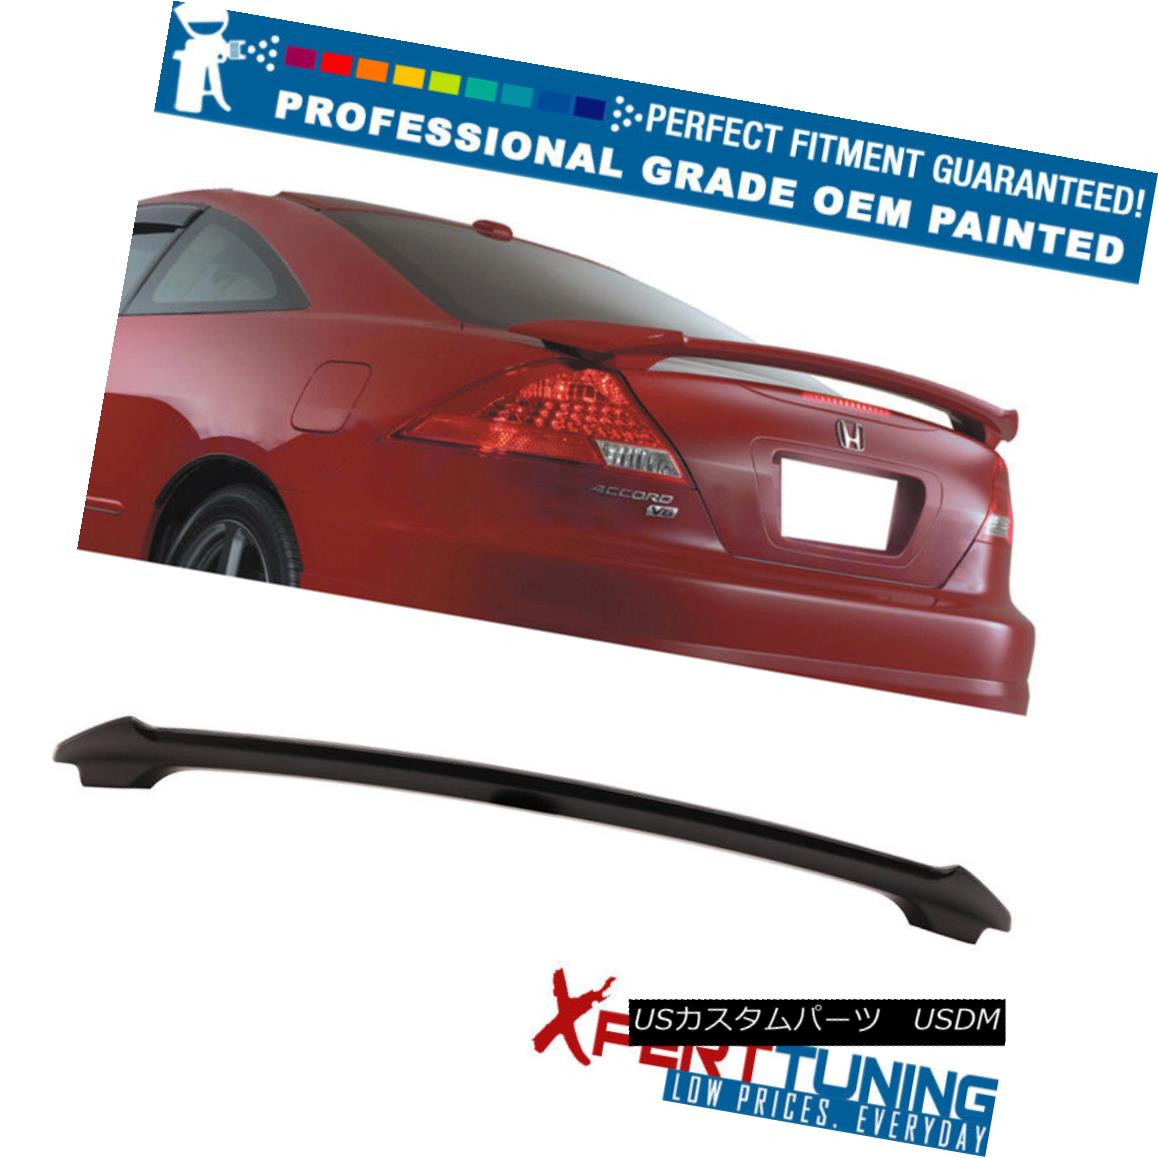 エアロパーツ Fits 06-07 Honda Accord Coupe OE Style ABS Trunk Spoiler - OEM Painted Color フィット06-07ホンダアコードクーペOEスタイルABSトランクスポイラー - OEM塗装カラー